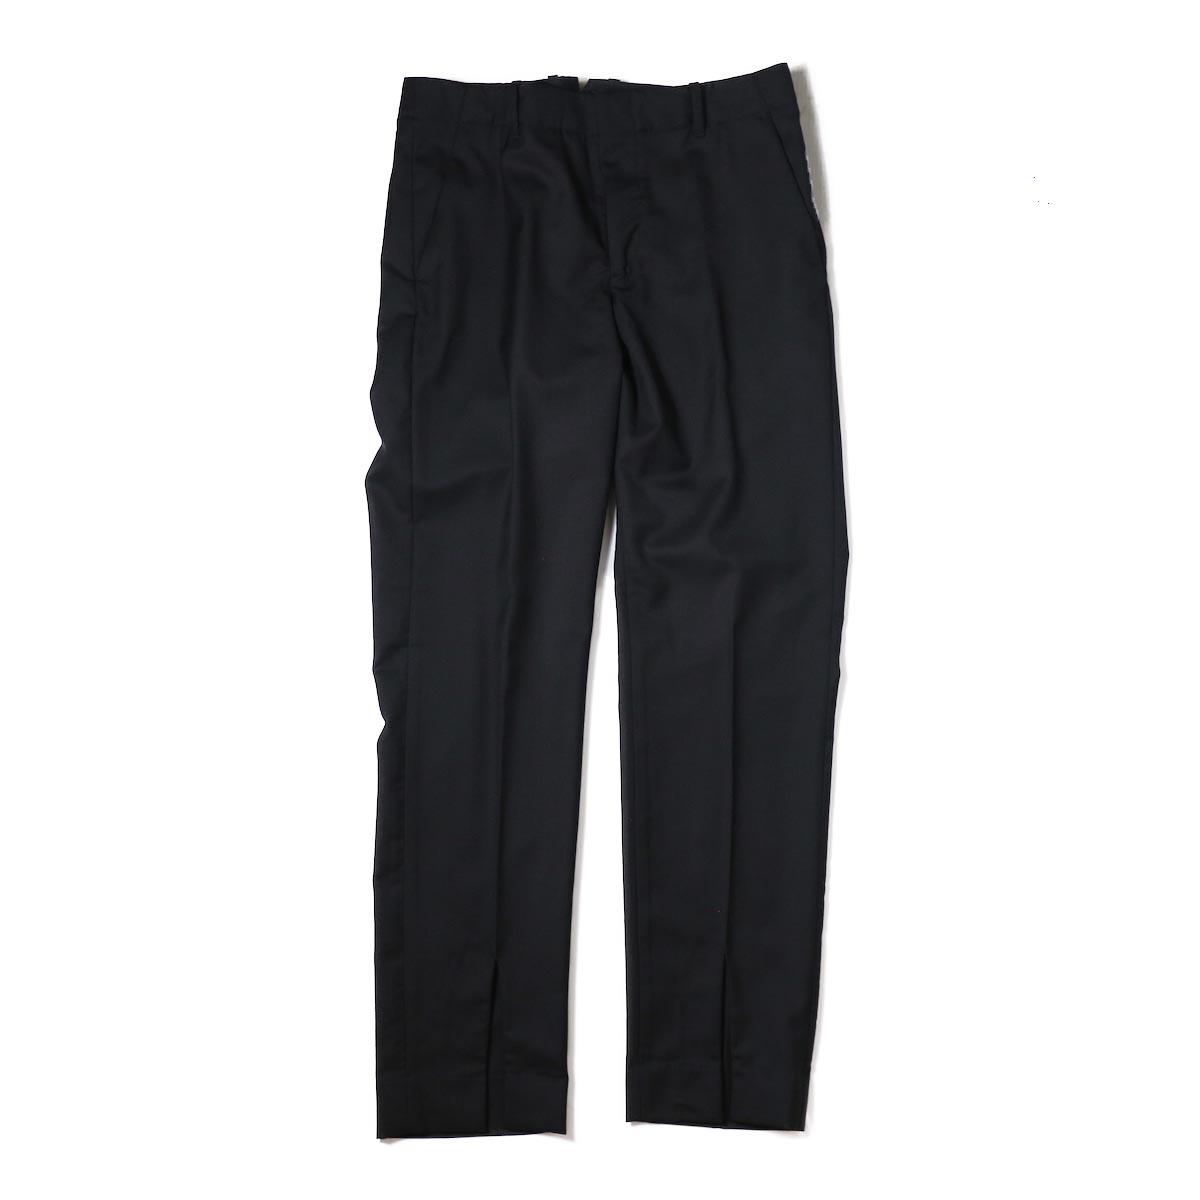 UNUSED / UW0716 Lace Up Slacks -BLACK